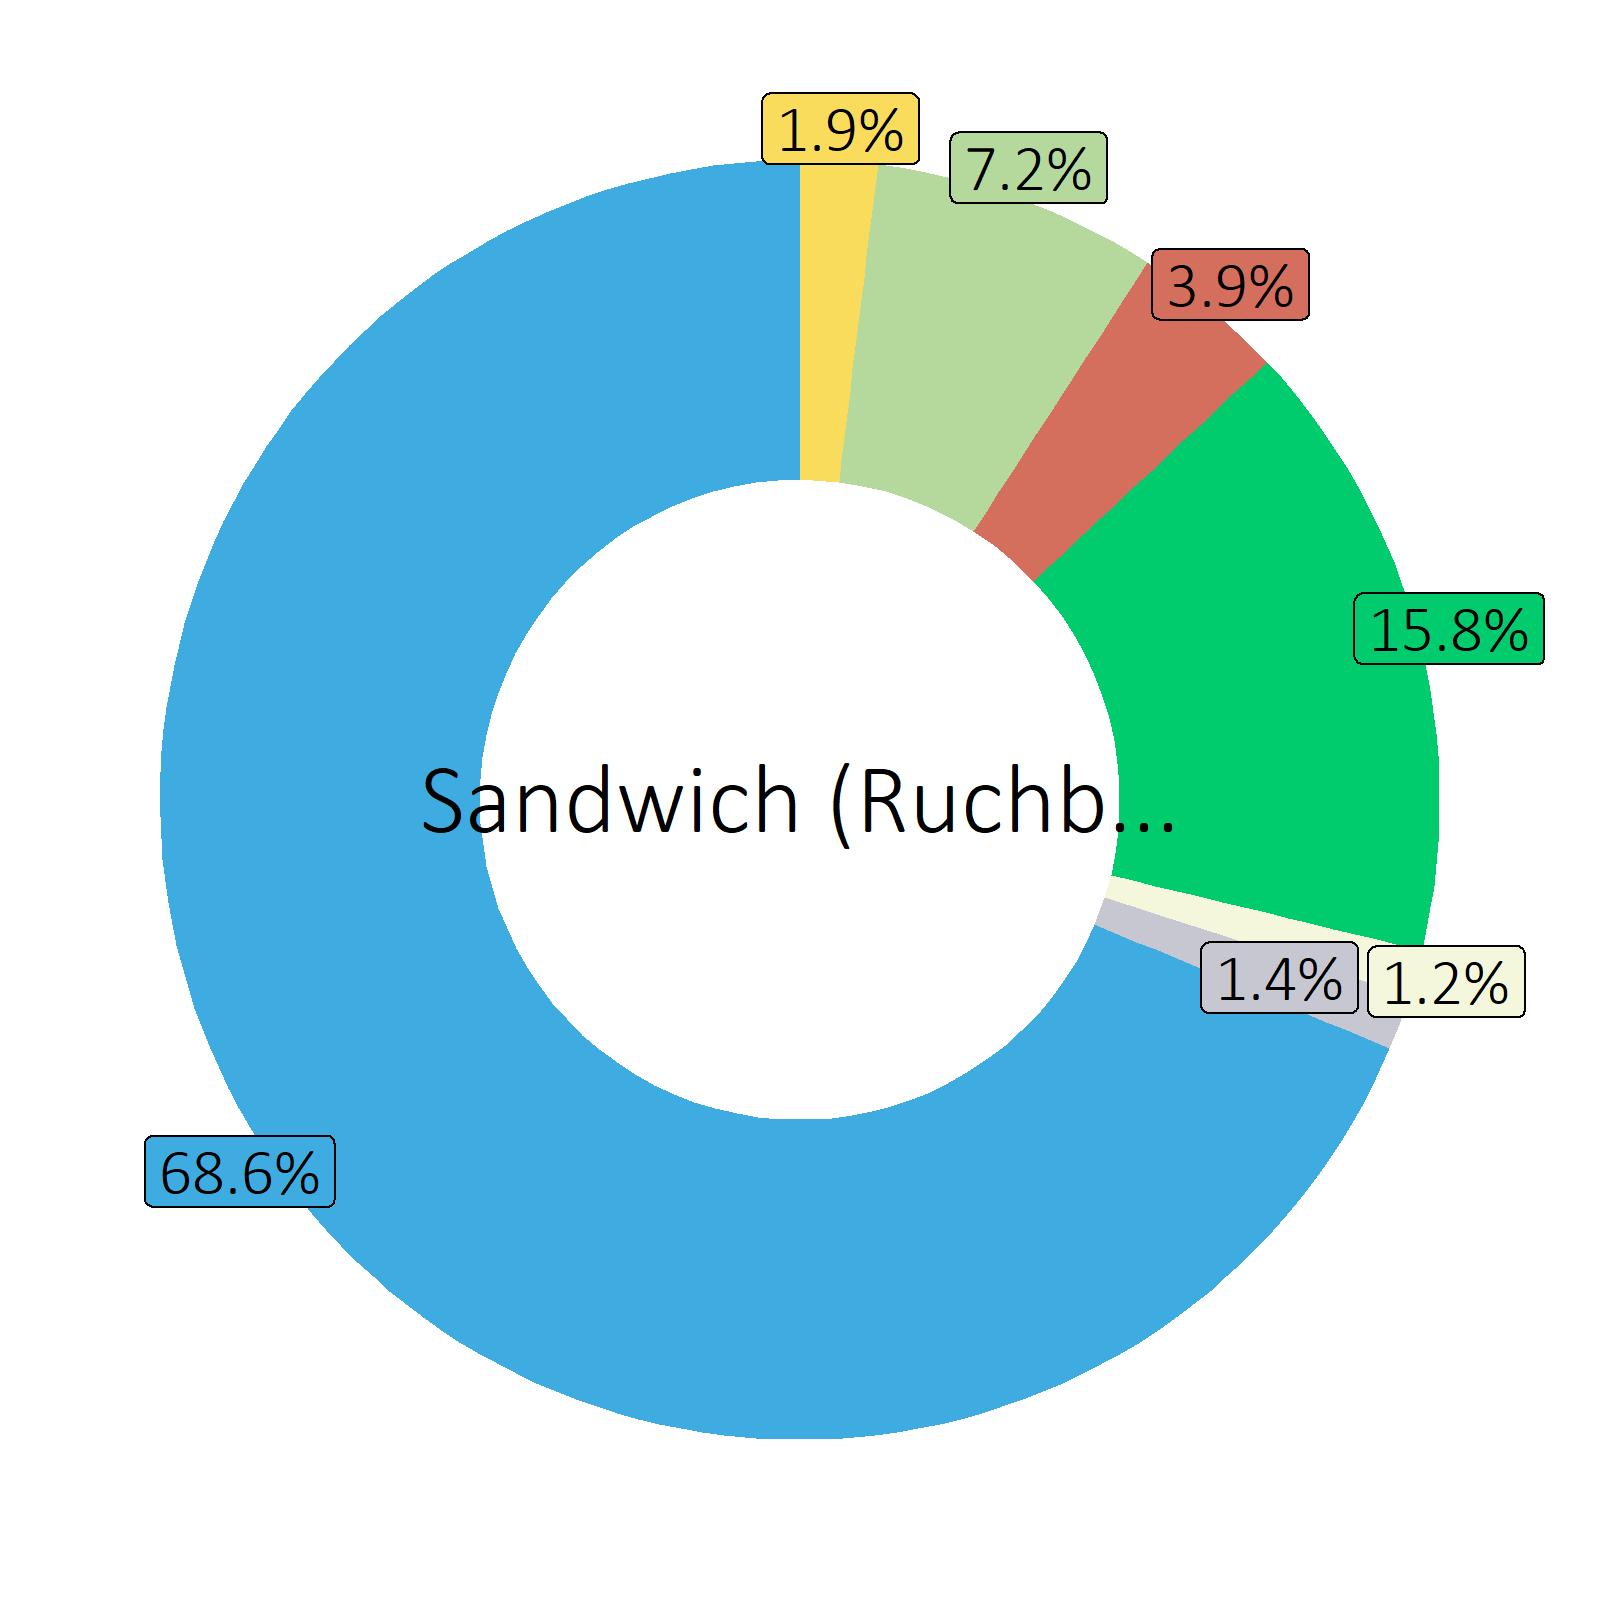 Bestandteile Sandwich (Ruchbrot) mit Trockenfleisch